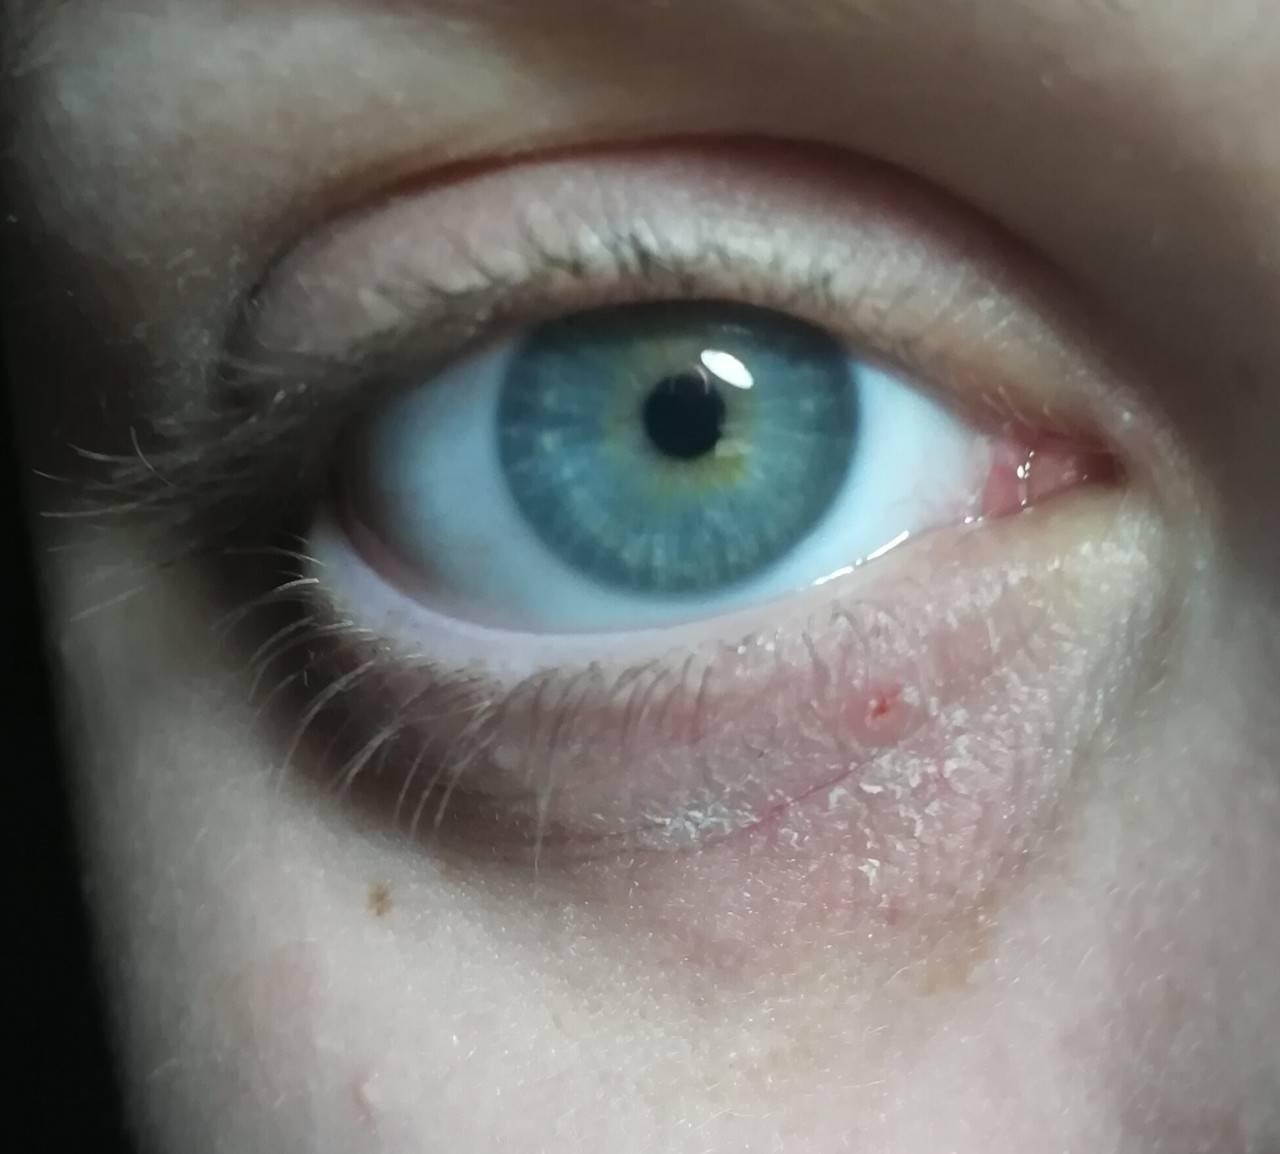 Красно-синие точки вокруг глаз...??? - красные пятна под глазами у ребенка - запись пользователя ●•°вета°•● (kasate) в сообществе детские болезни от года до трех в категории высыпания на коже - babyblog.ru